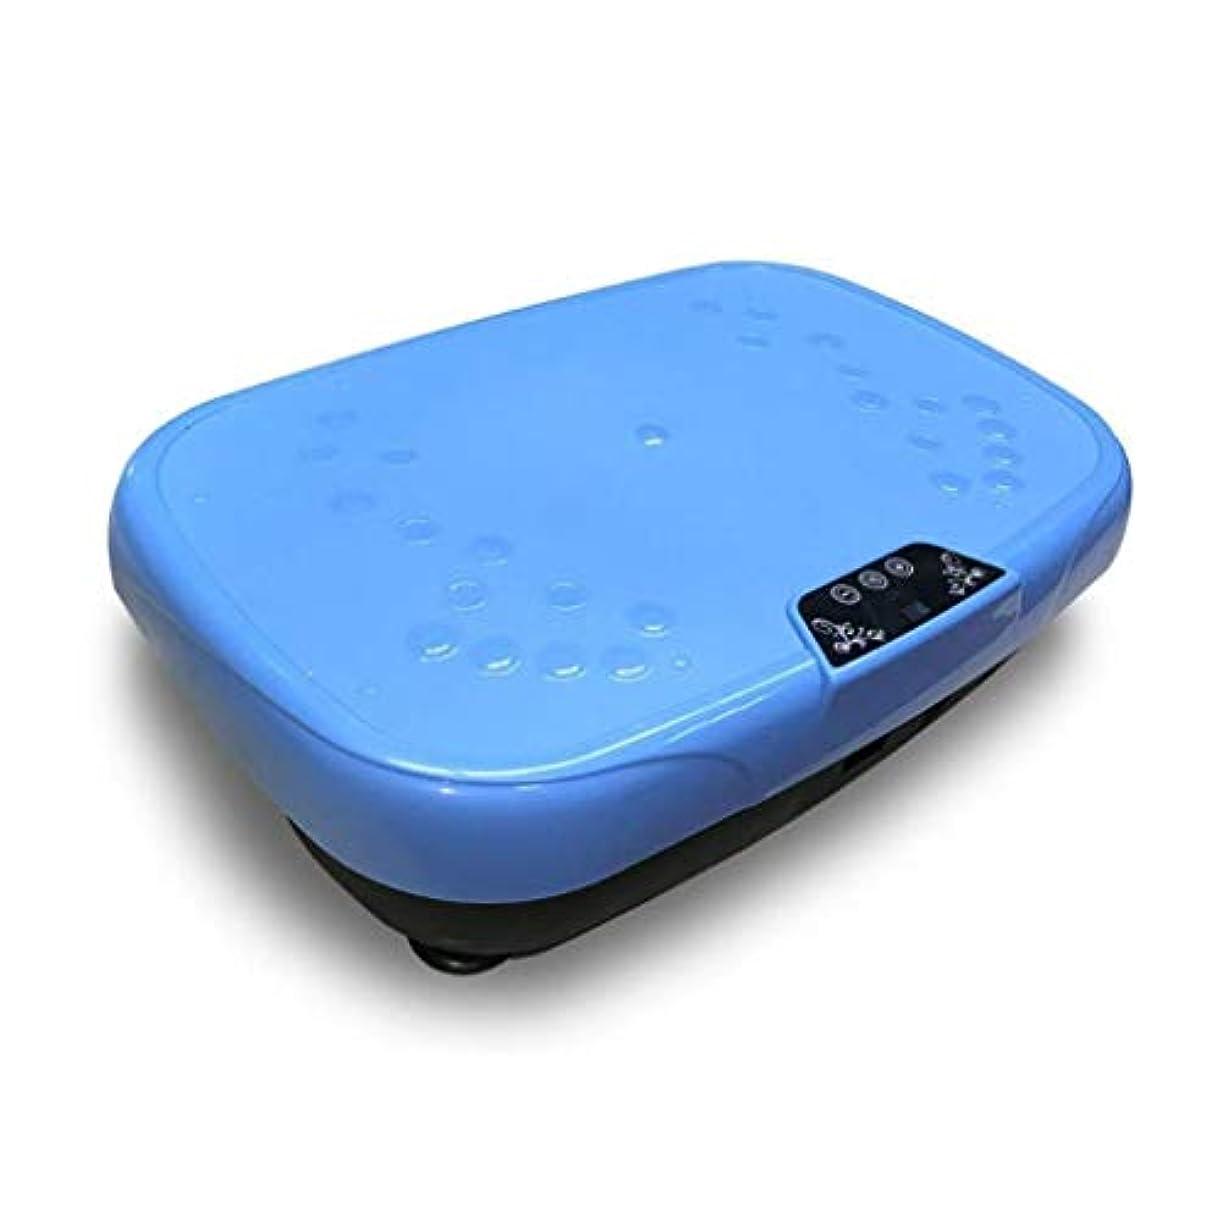 珍味占める無許可3D減量機、スポーツ振動フィットネスモデリング減量機、Bluetoothスピーカー、家族/ジム、ホームオフィス減量に適しています